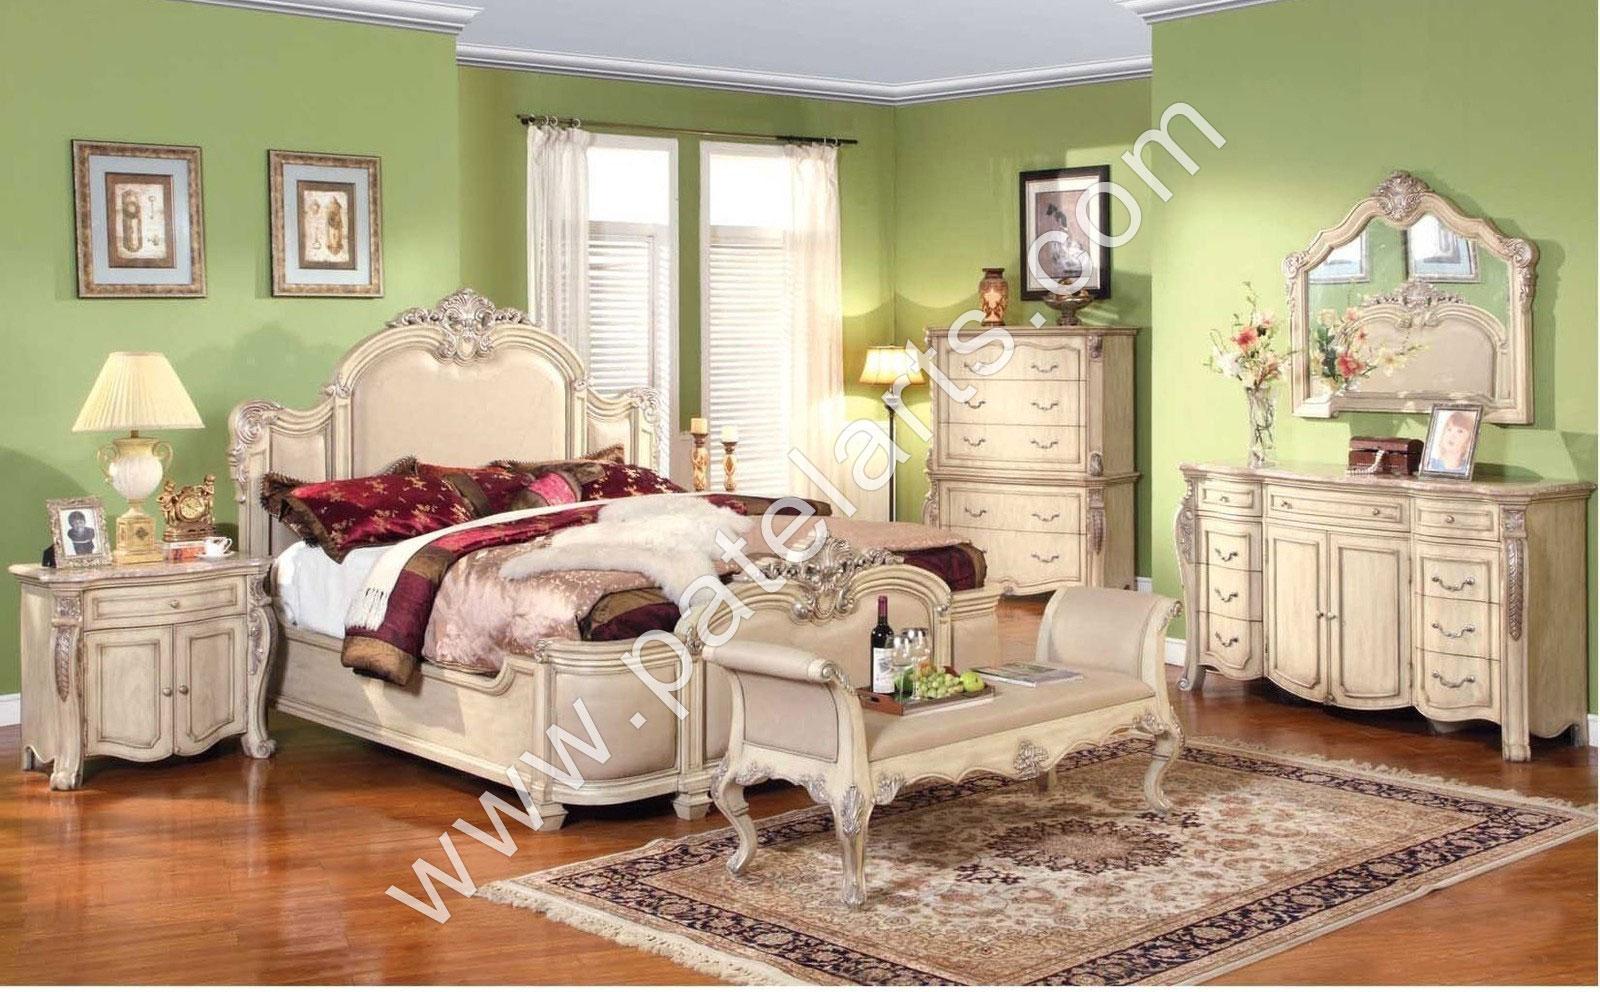 Indian bed furniture design -  Wooden Bed Beds Carved Wooden Beds Carved Indian Beds Exporters India